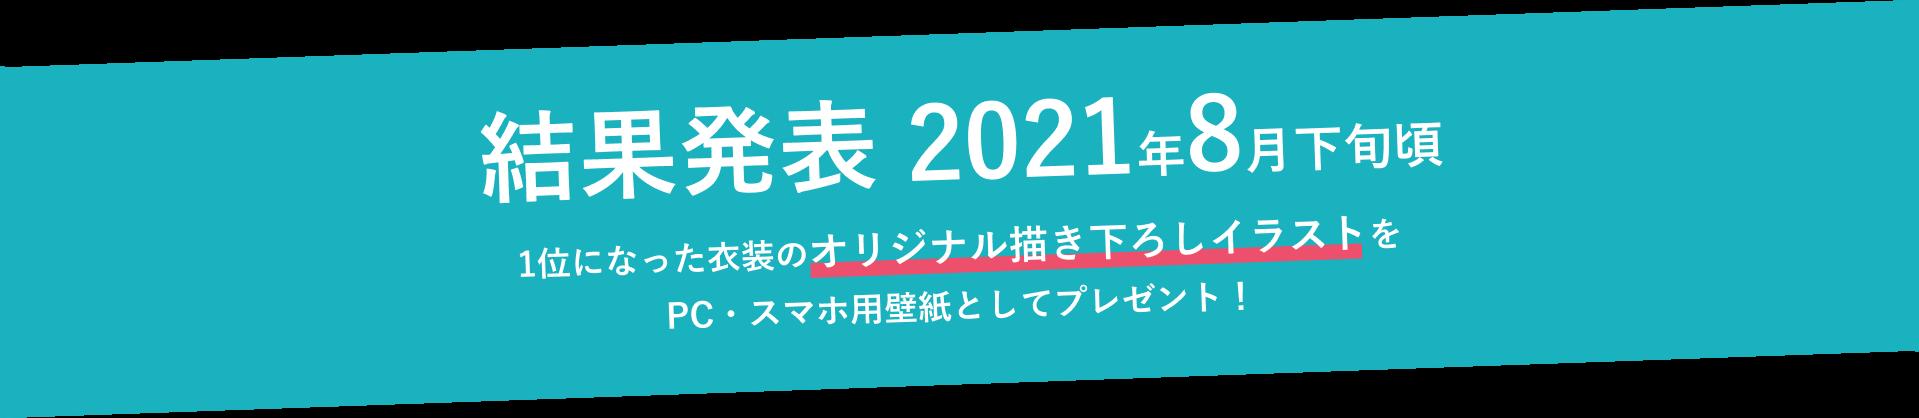 結果発表20201年8月下旬頃1位になった衣装の描き下ろしイラスト掲載予定!!乞うご期待!